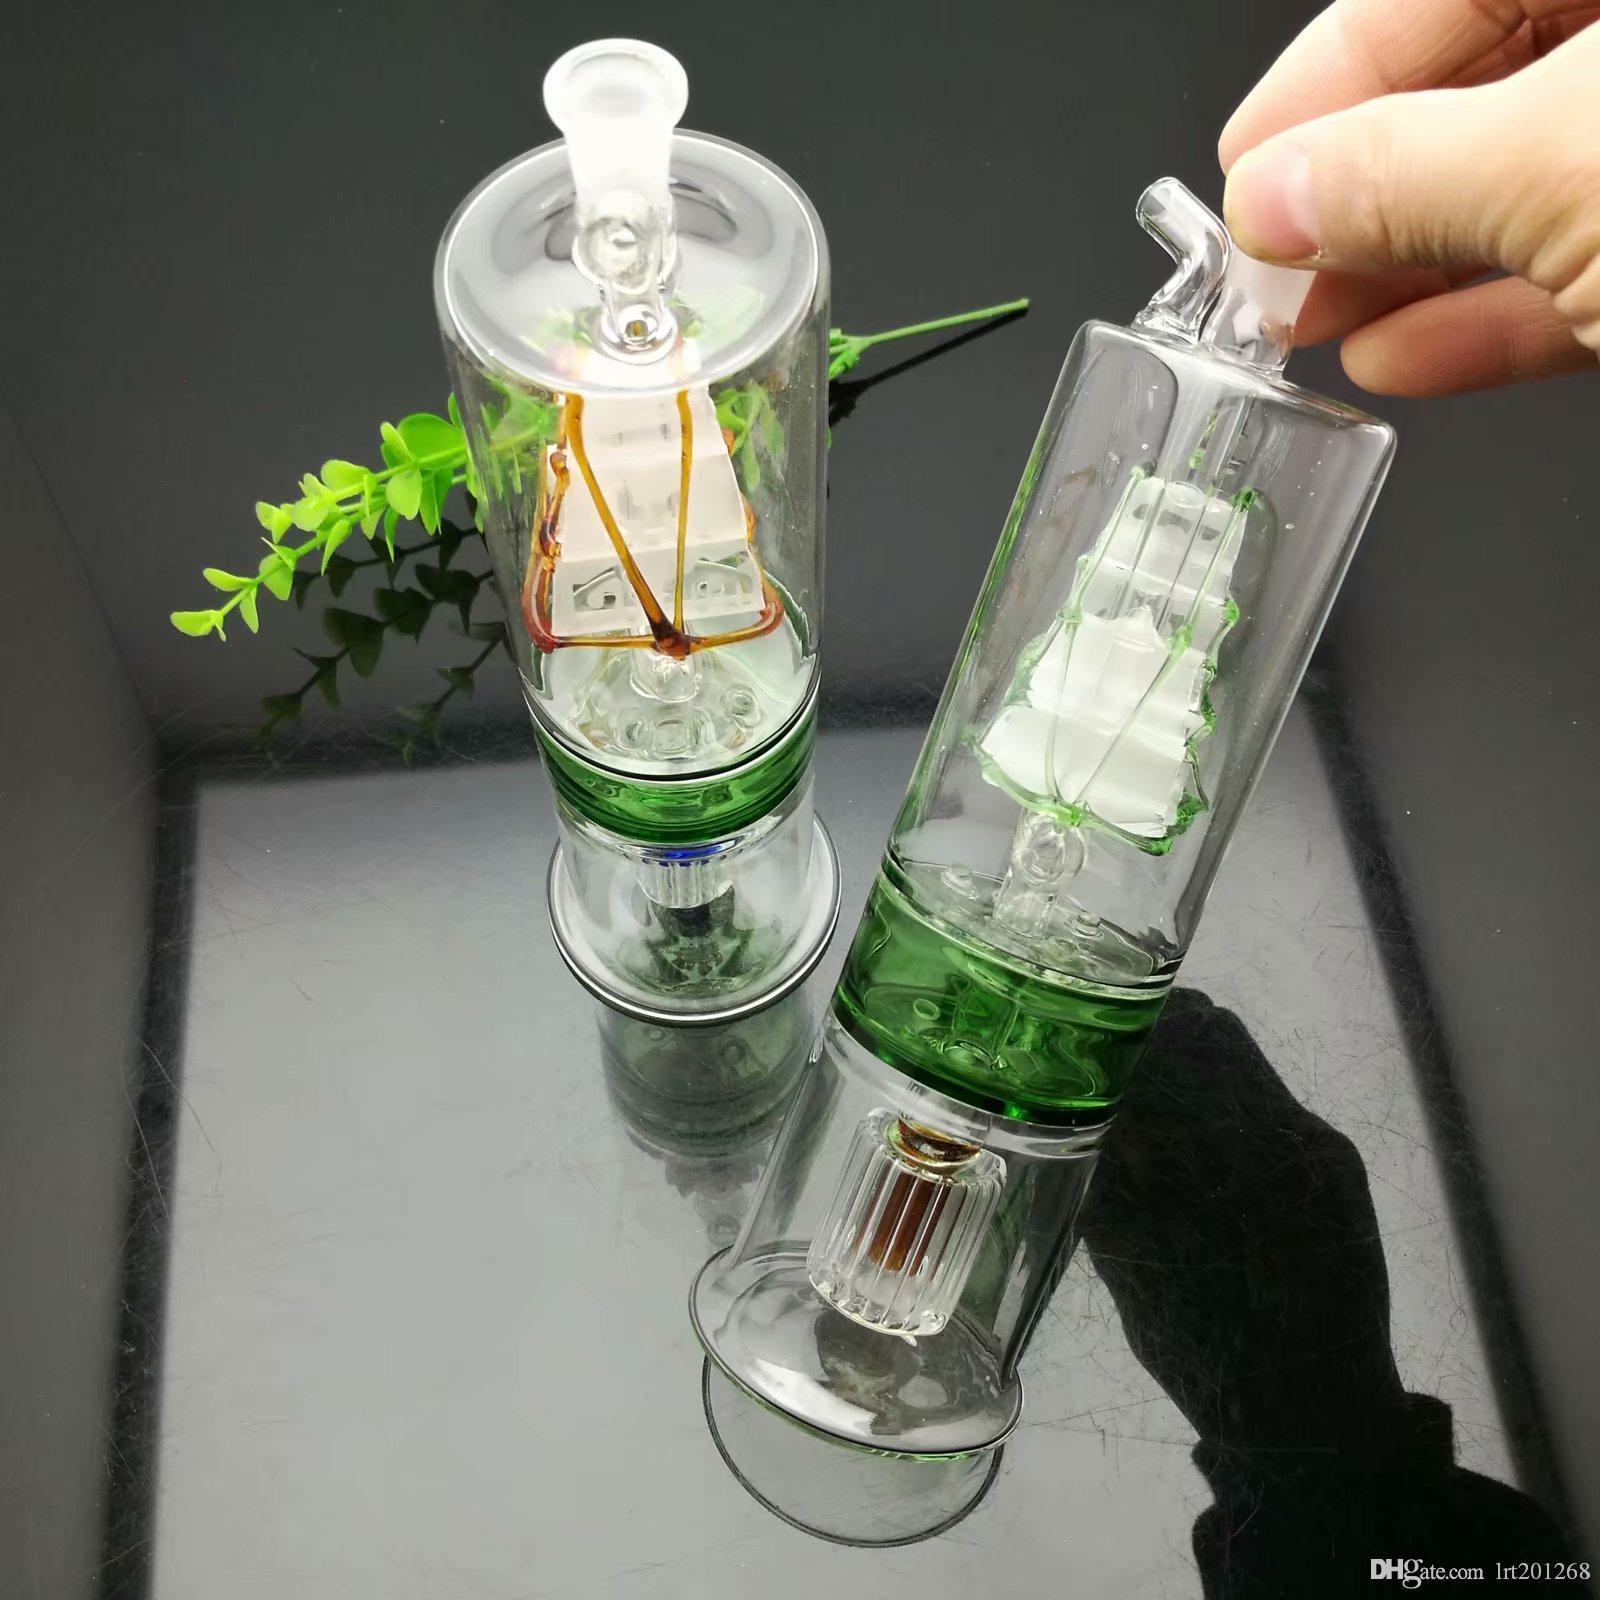 Трехслойного раздела немого фильтр парусного стекла чайник Оптовые Трубы из стекла для воды Табак Аксессуары Стекло Ash Catcher